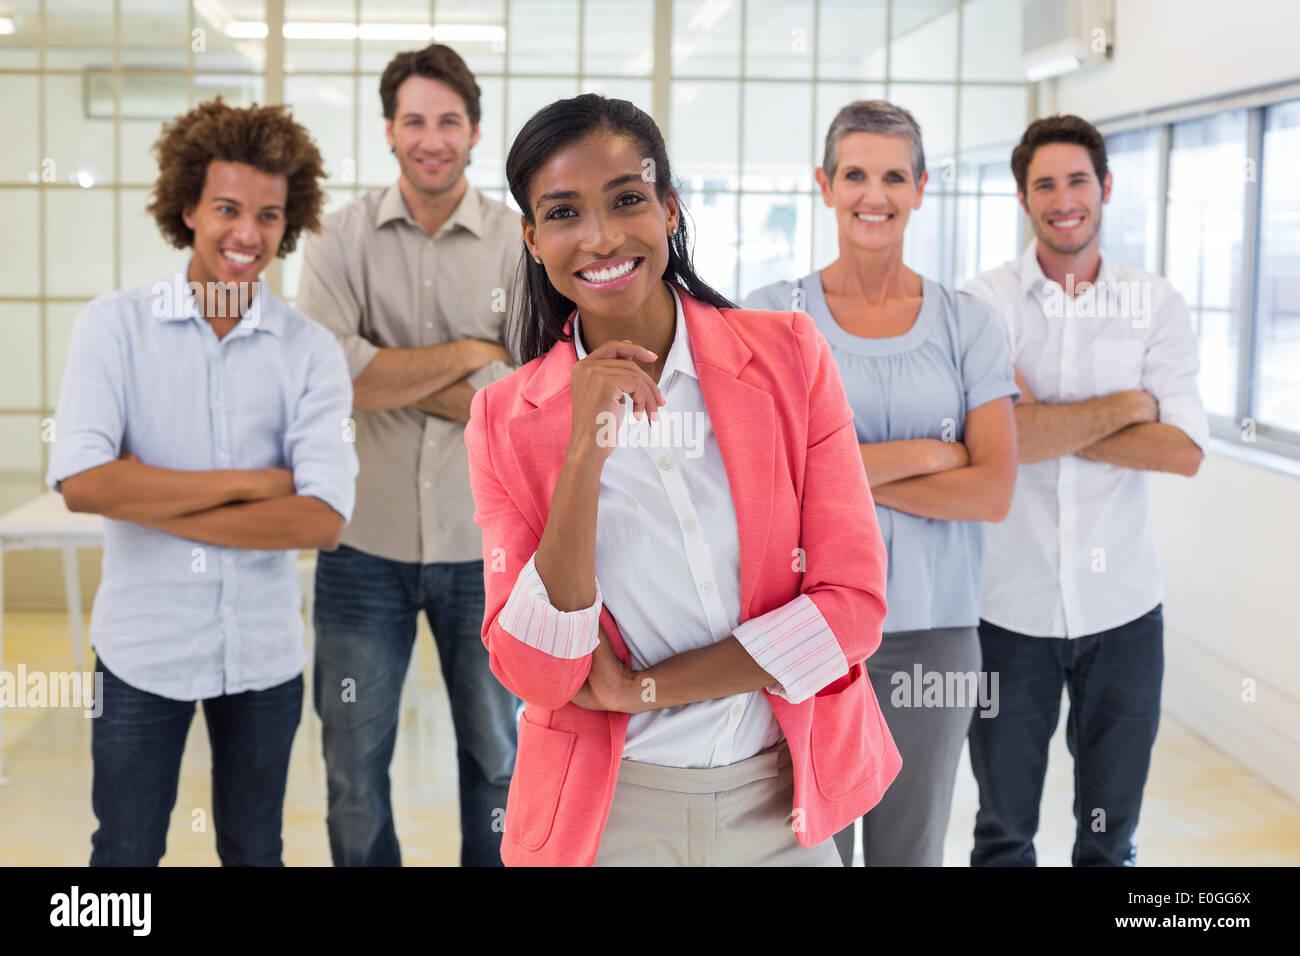 Gut gekleidete Arbeiter mit verschränkten Armen in die Kamera Lächeln Stockbild